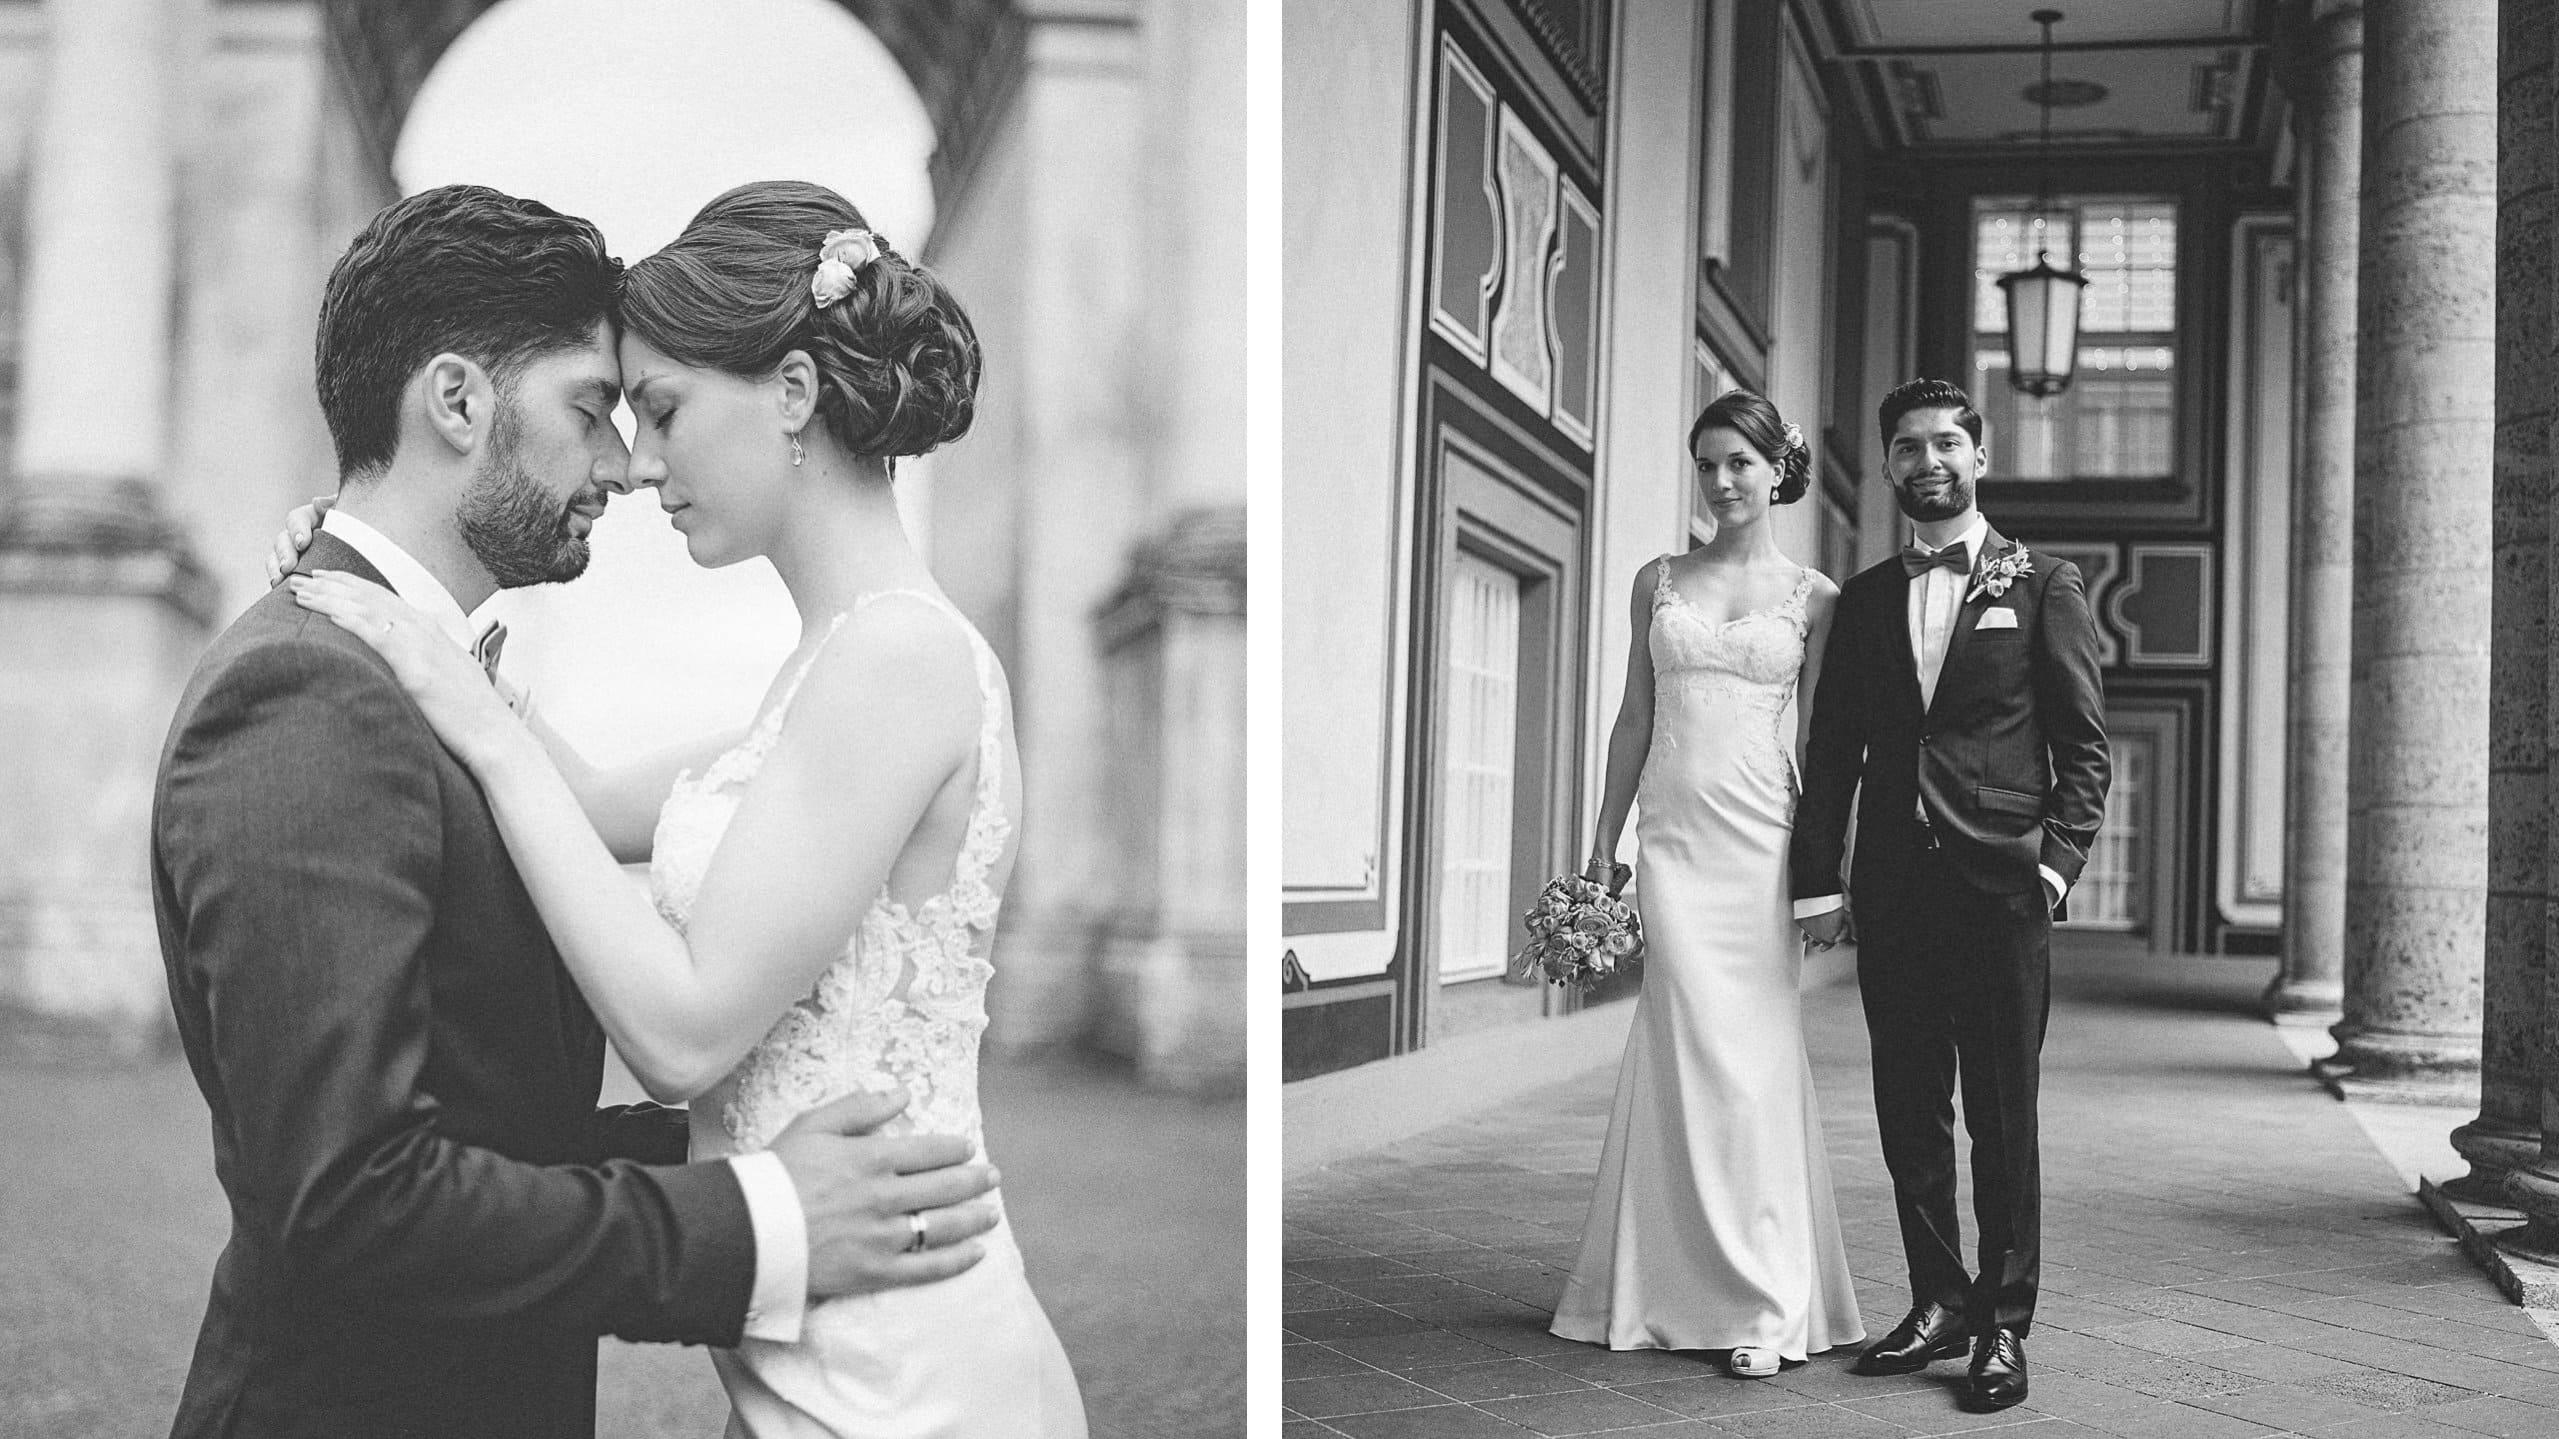 Hochzeitsfoto aus analoger Mittelformat-Kamera